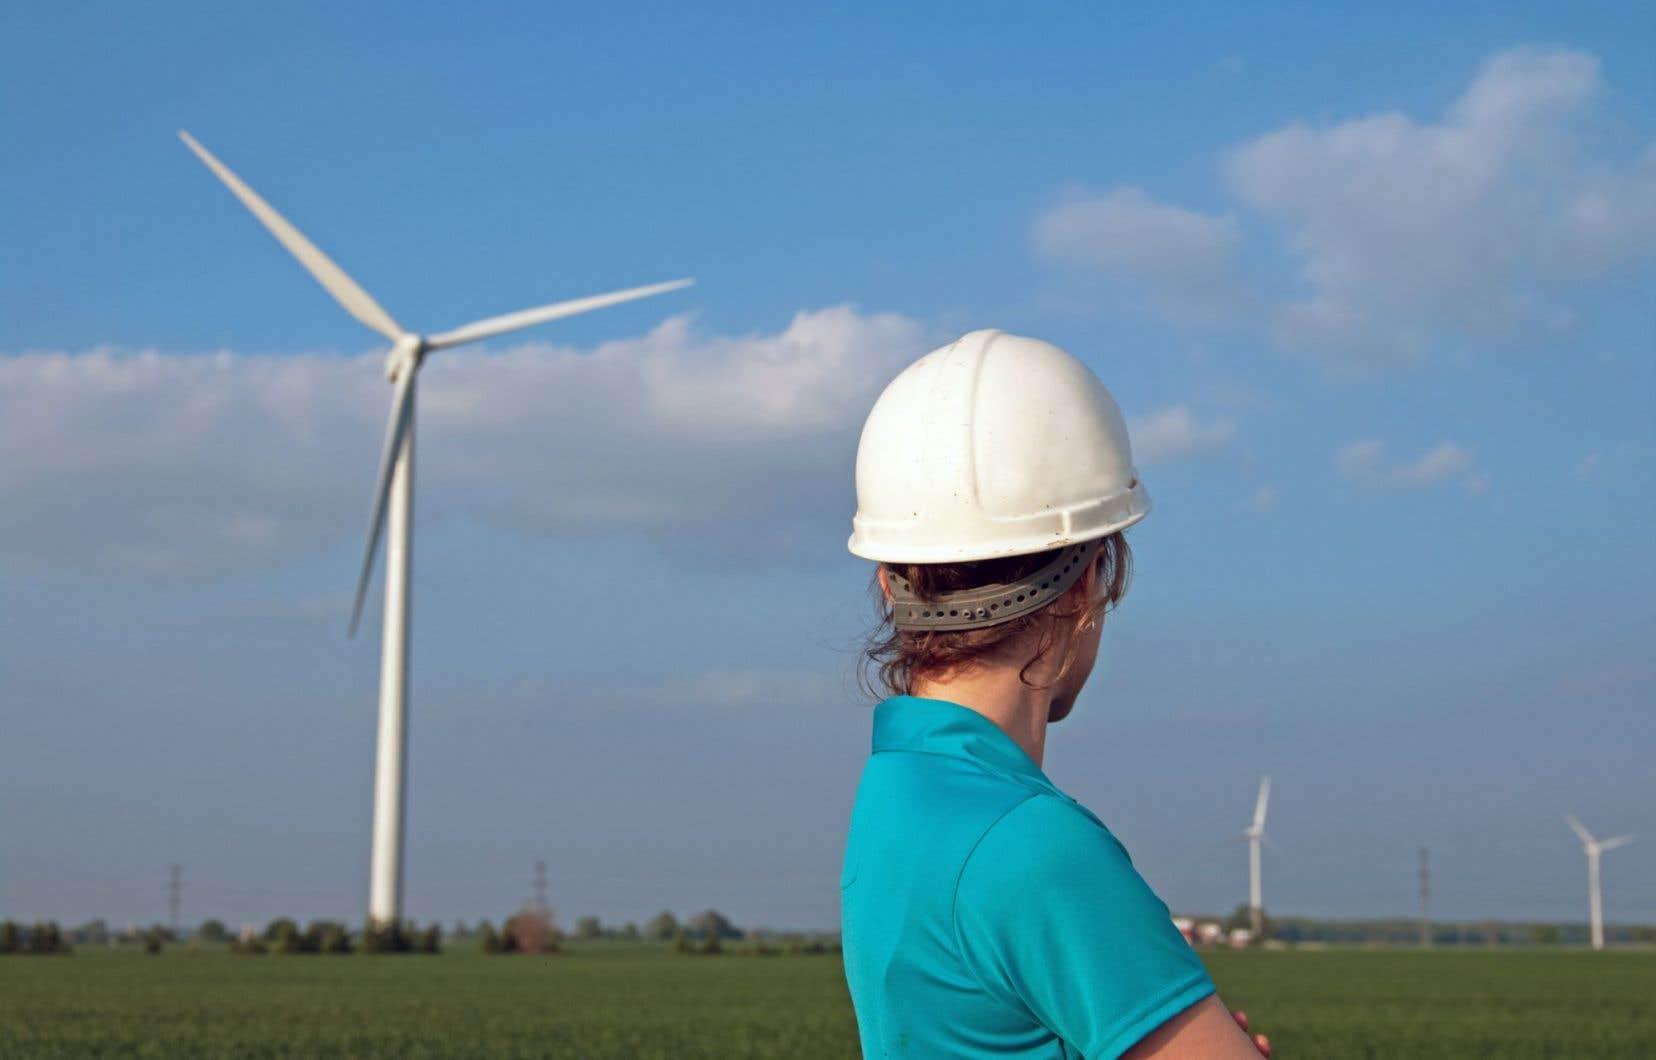 Les propositions présentent généralement le Québec comme un terreau fertile pour le développement éolien au moment où les États américains cherchent de plus en plus des sources d'énergie renouvelables.